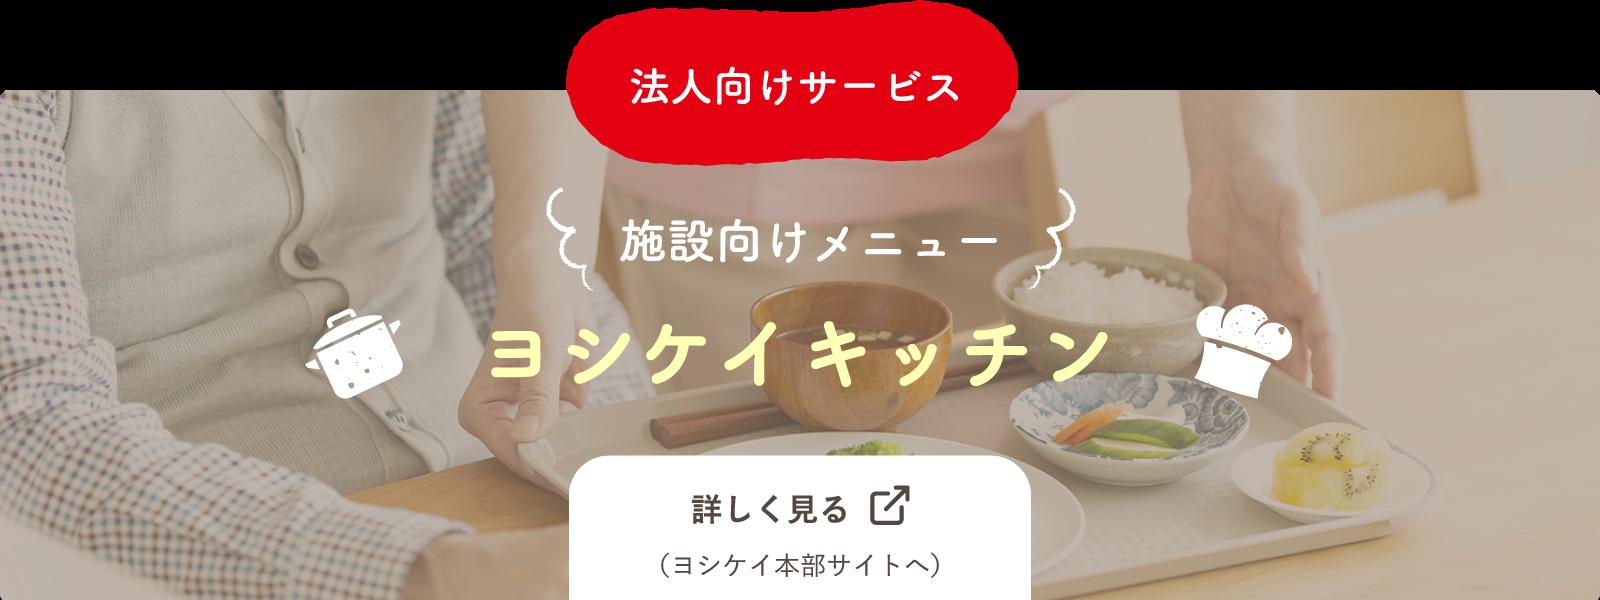 法⼈向けサービス / 施設向けメニュー / ヨシケイキッチン